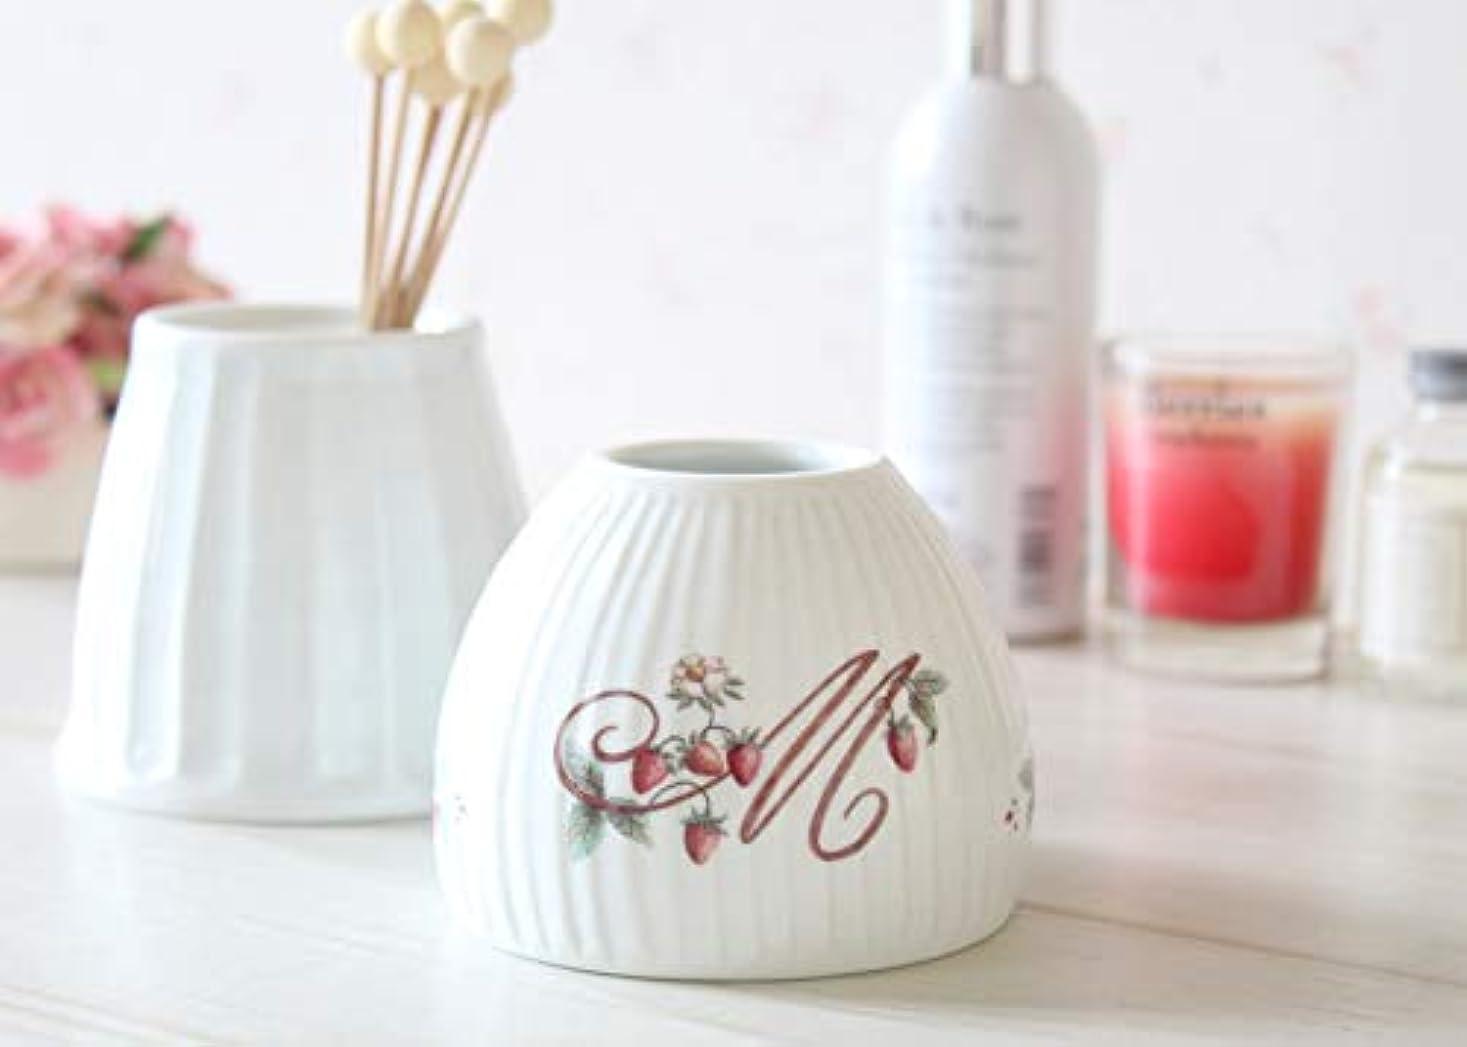 主怒るレンチマニーロココ 陶器 ジュポン型アロマカバー